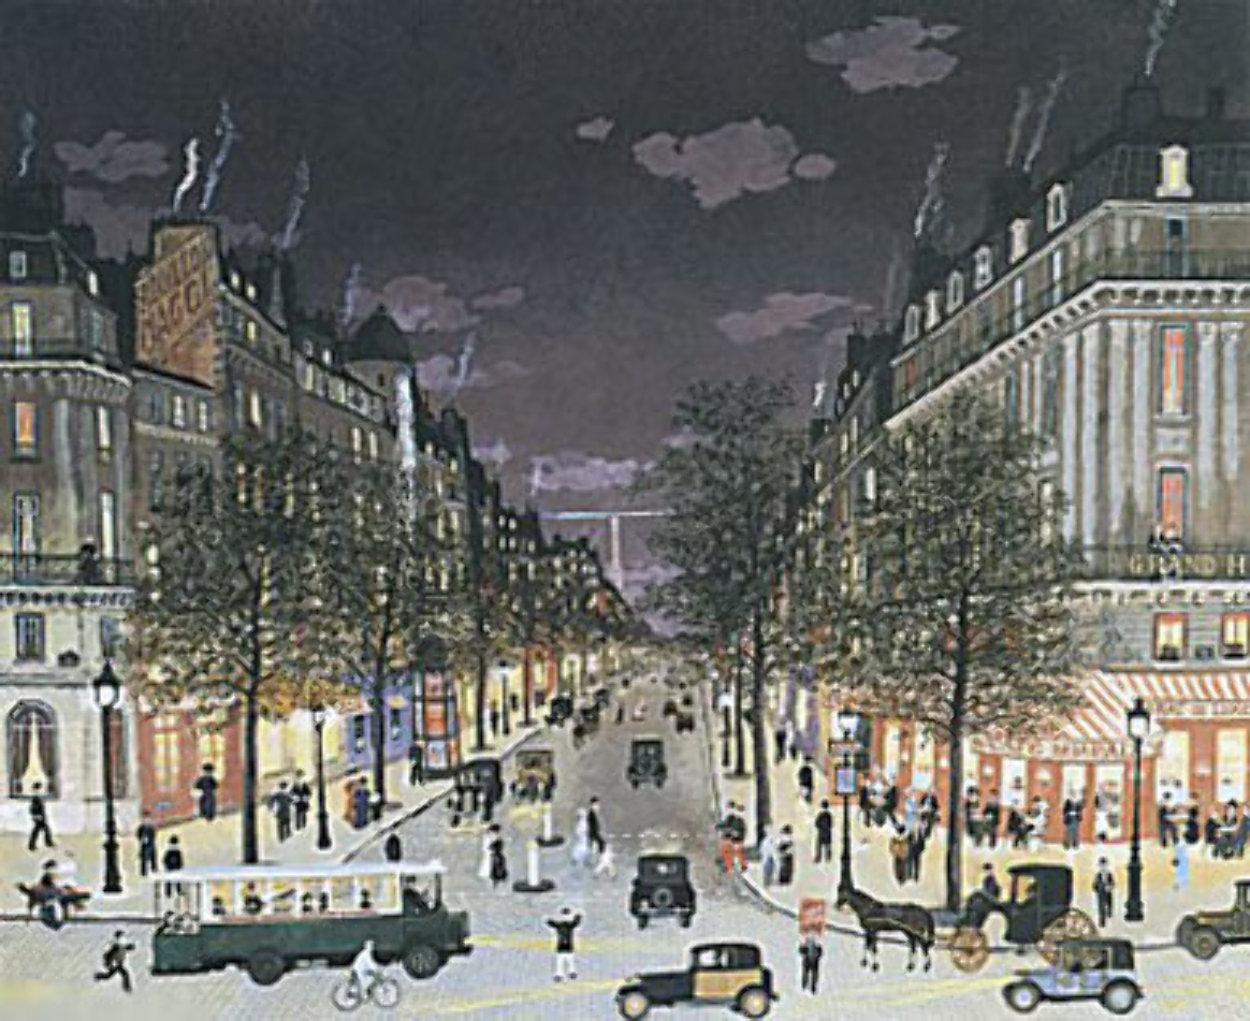 Les Grands Boulevards La Nuit, Paris 2001 Limited Edition Print by Michel Delacroix